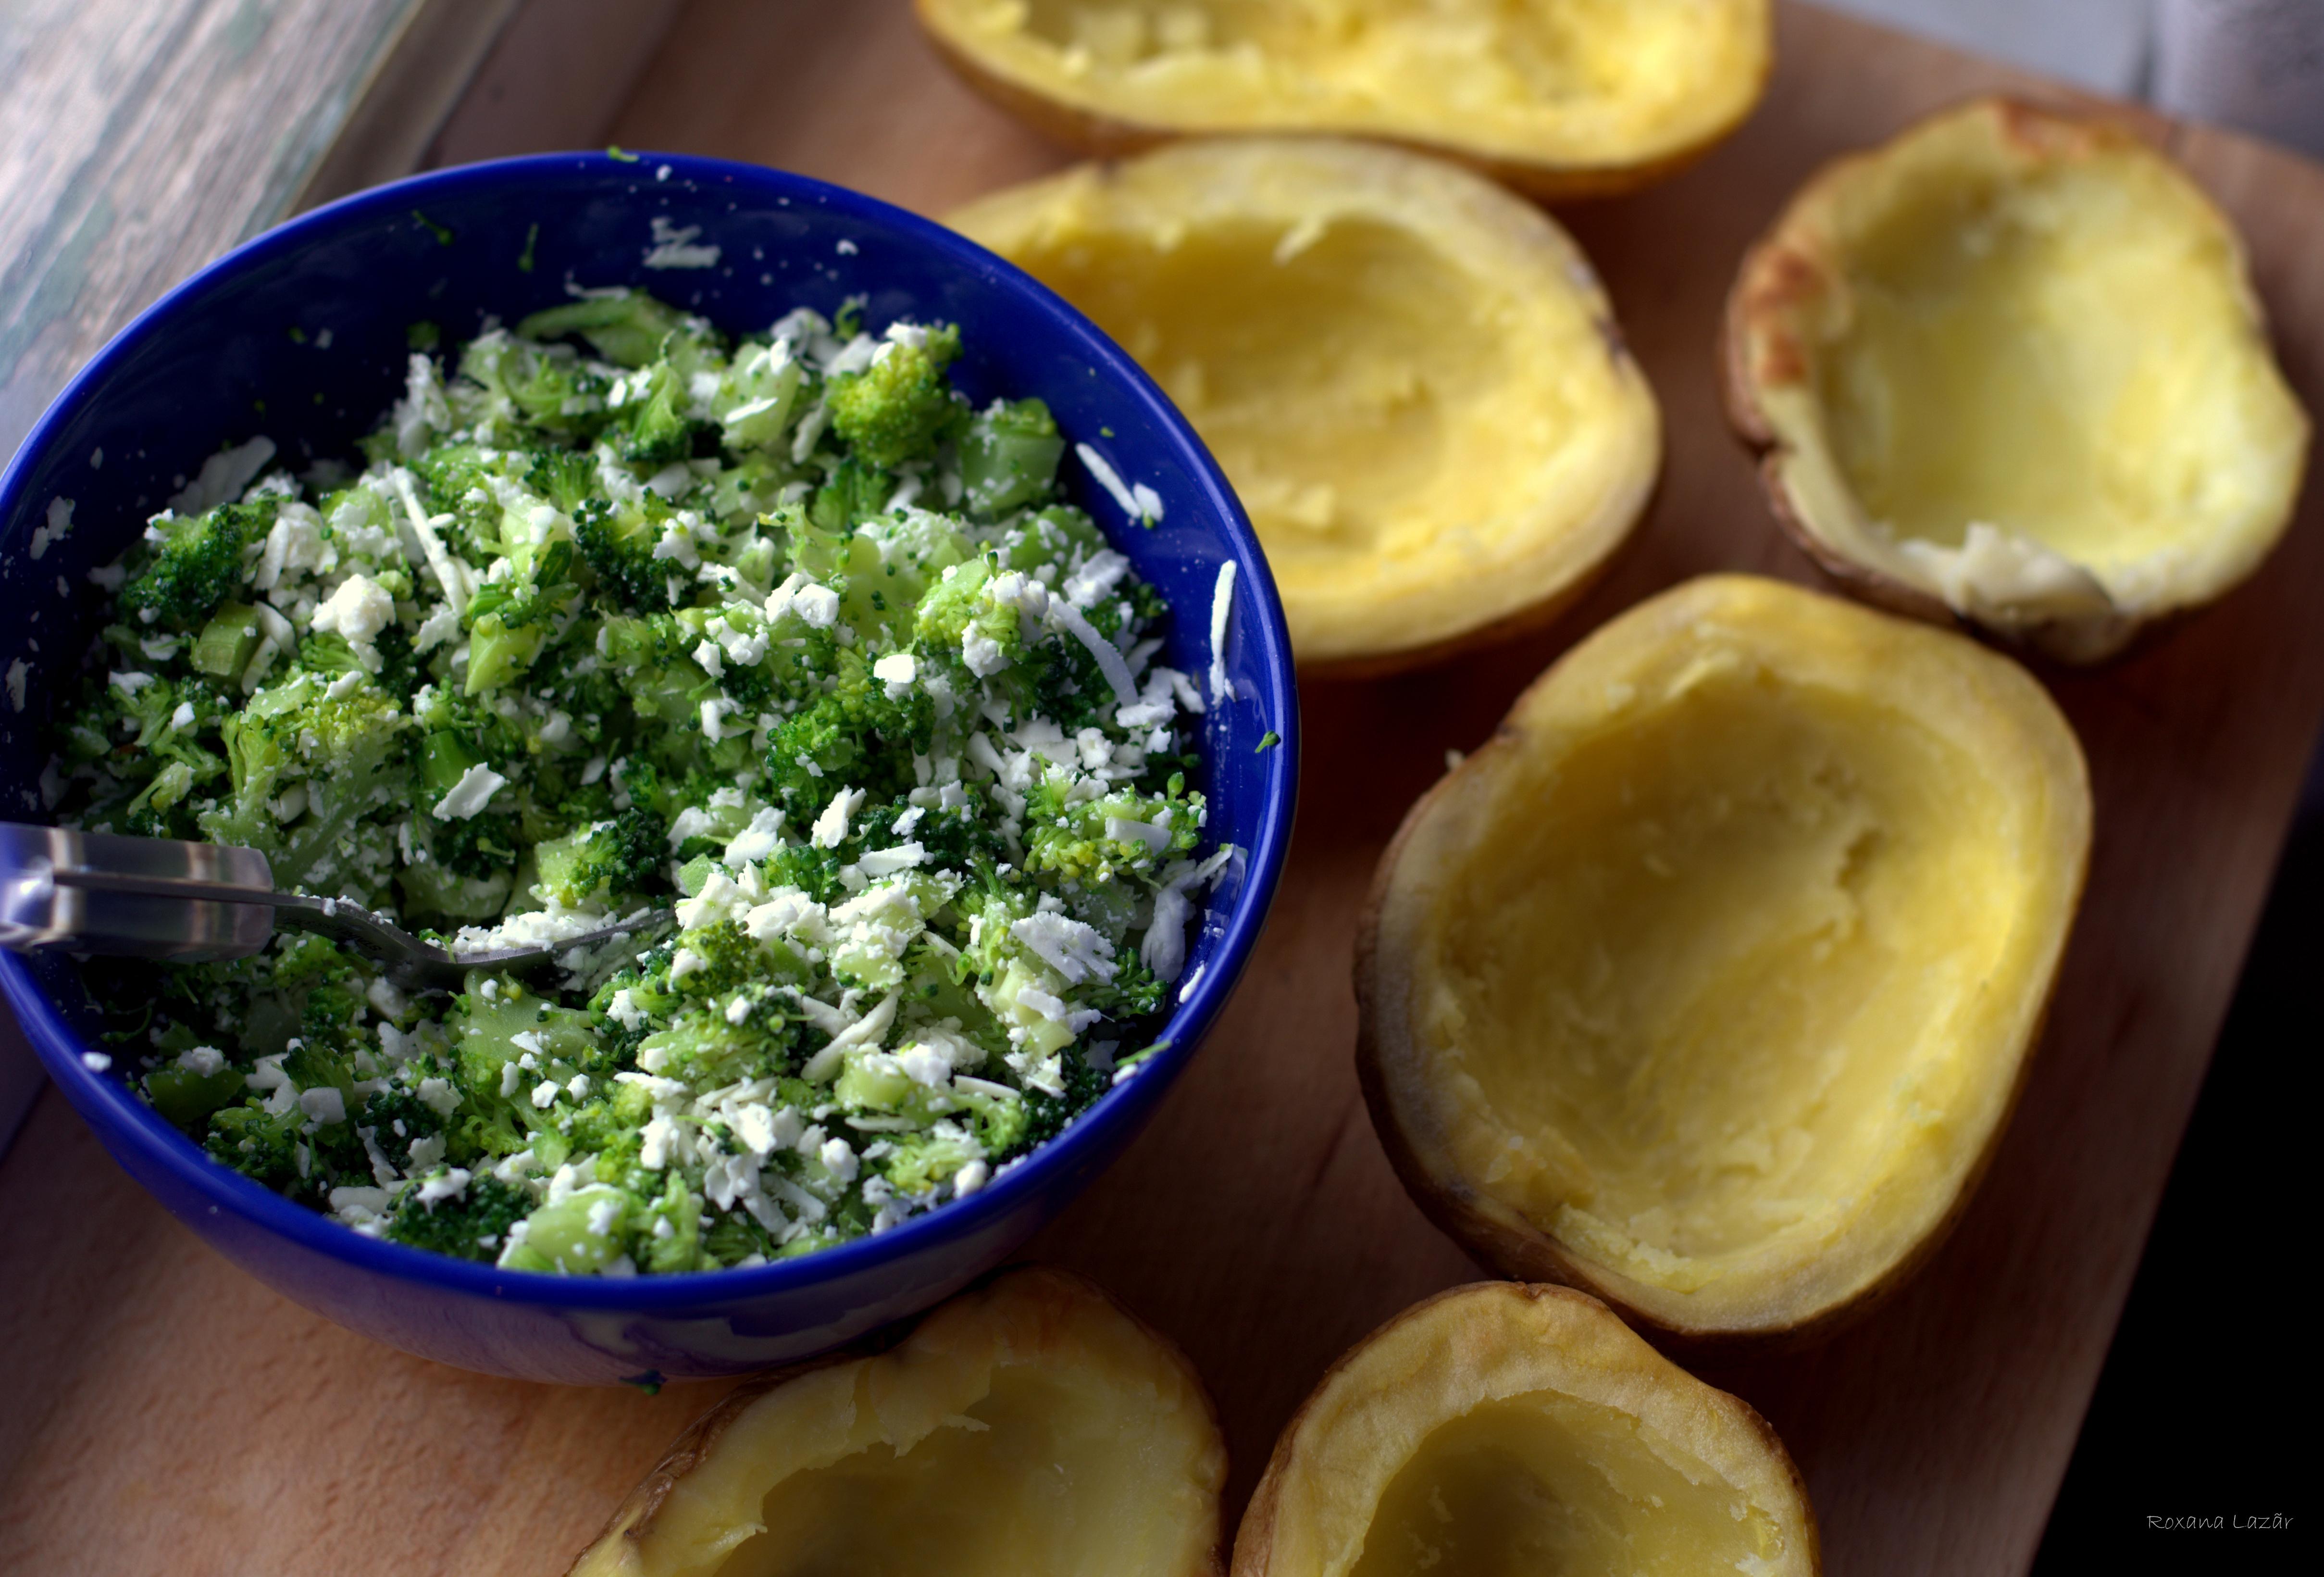 Cartofi copti, umpluti cu broccoli, telemea de oaie si mot de smantana – provocarea Dulce Romanie ianuarie 2013